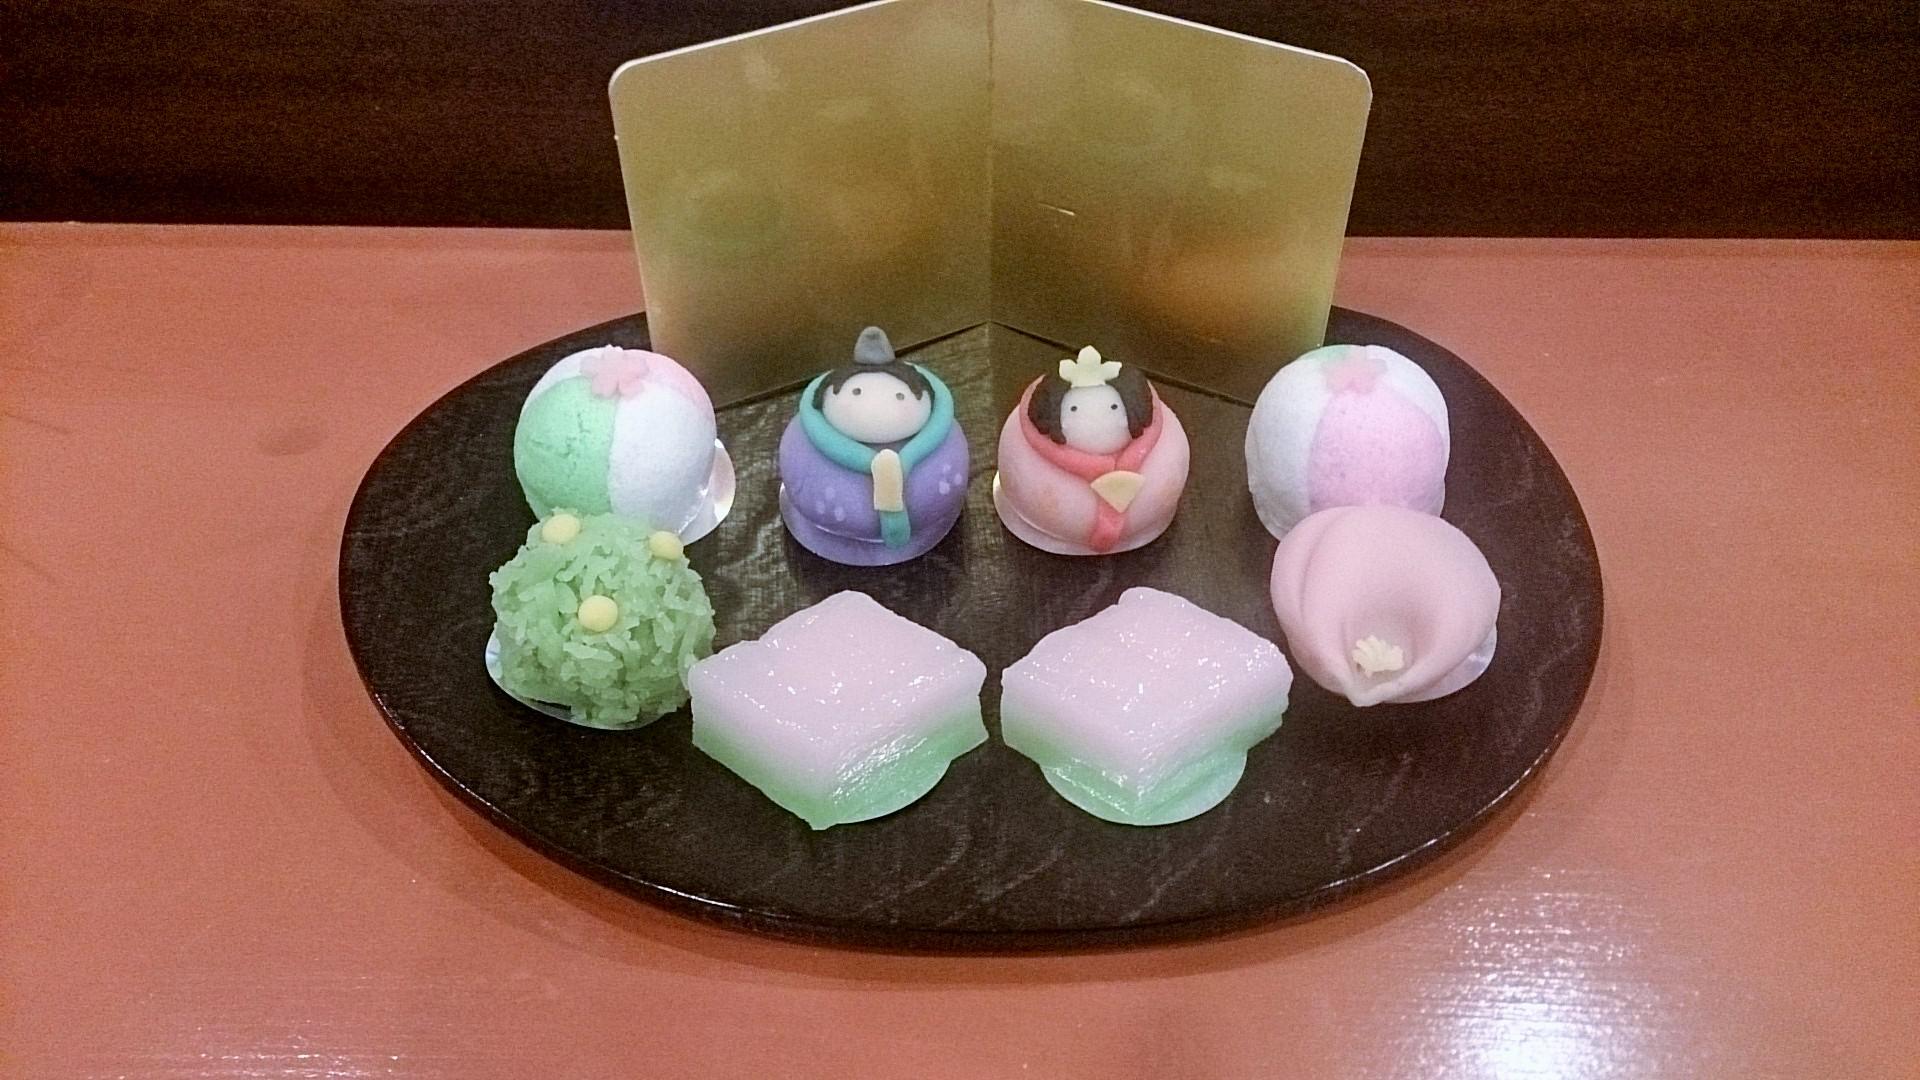 ひな祭り お 菓子 ひな祭りの伝統的なお菓子が丸わかり!3月3日は桃の節句 春を感じる...